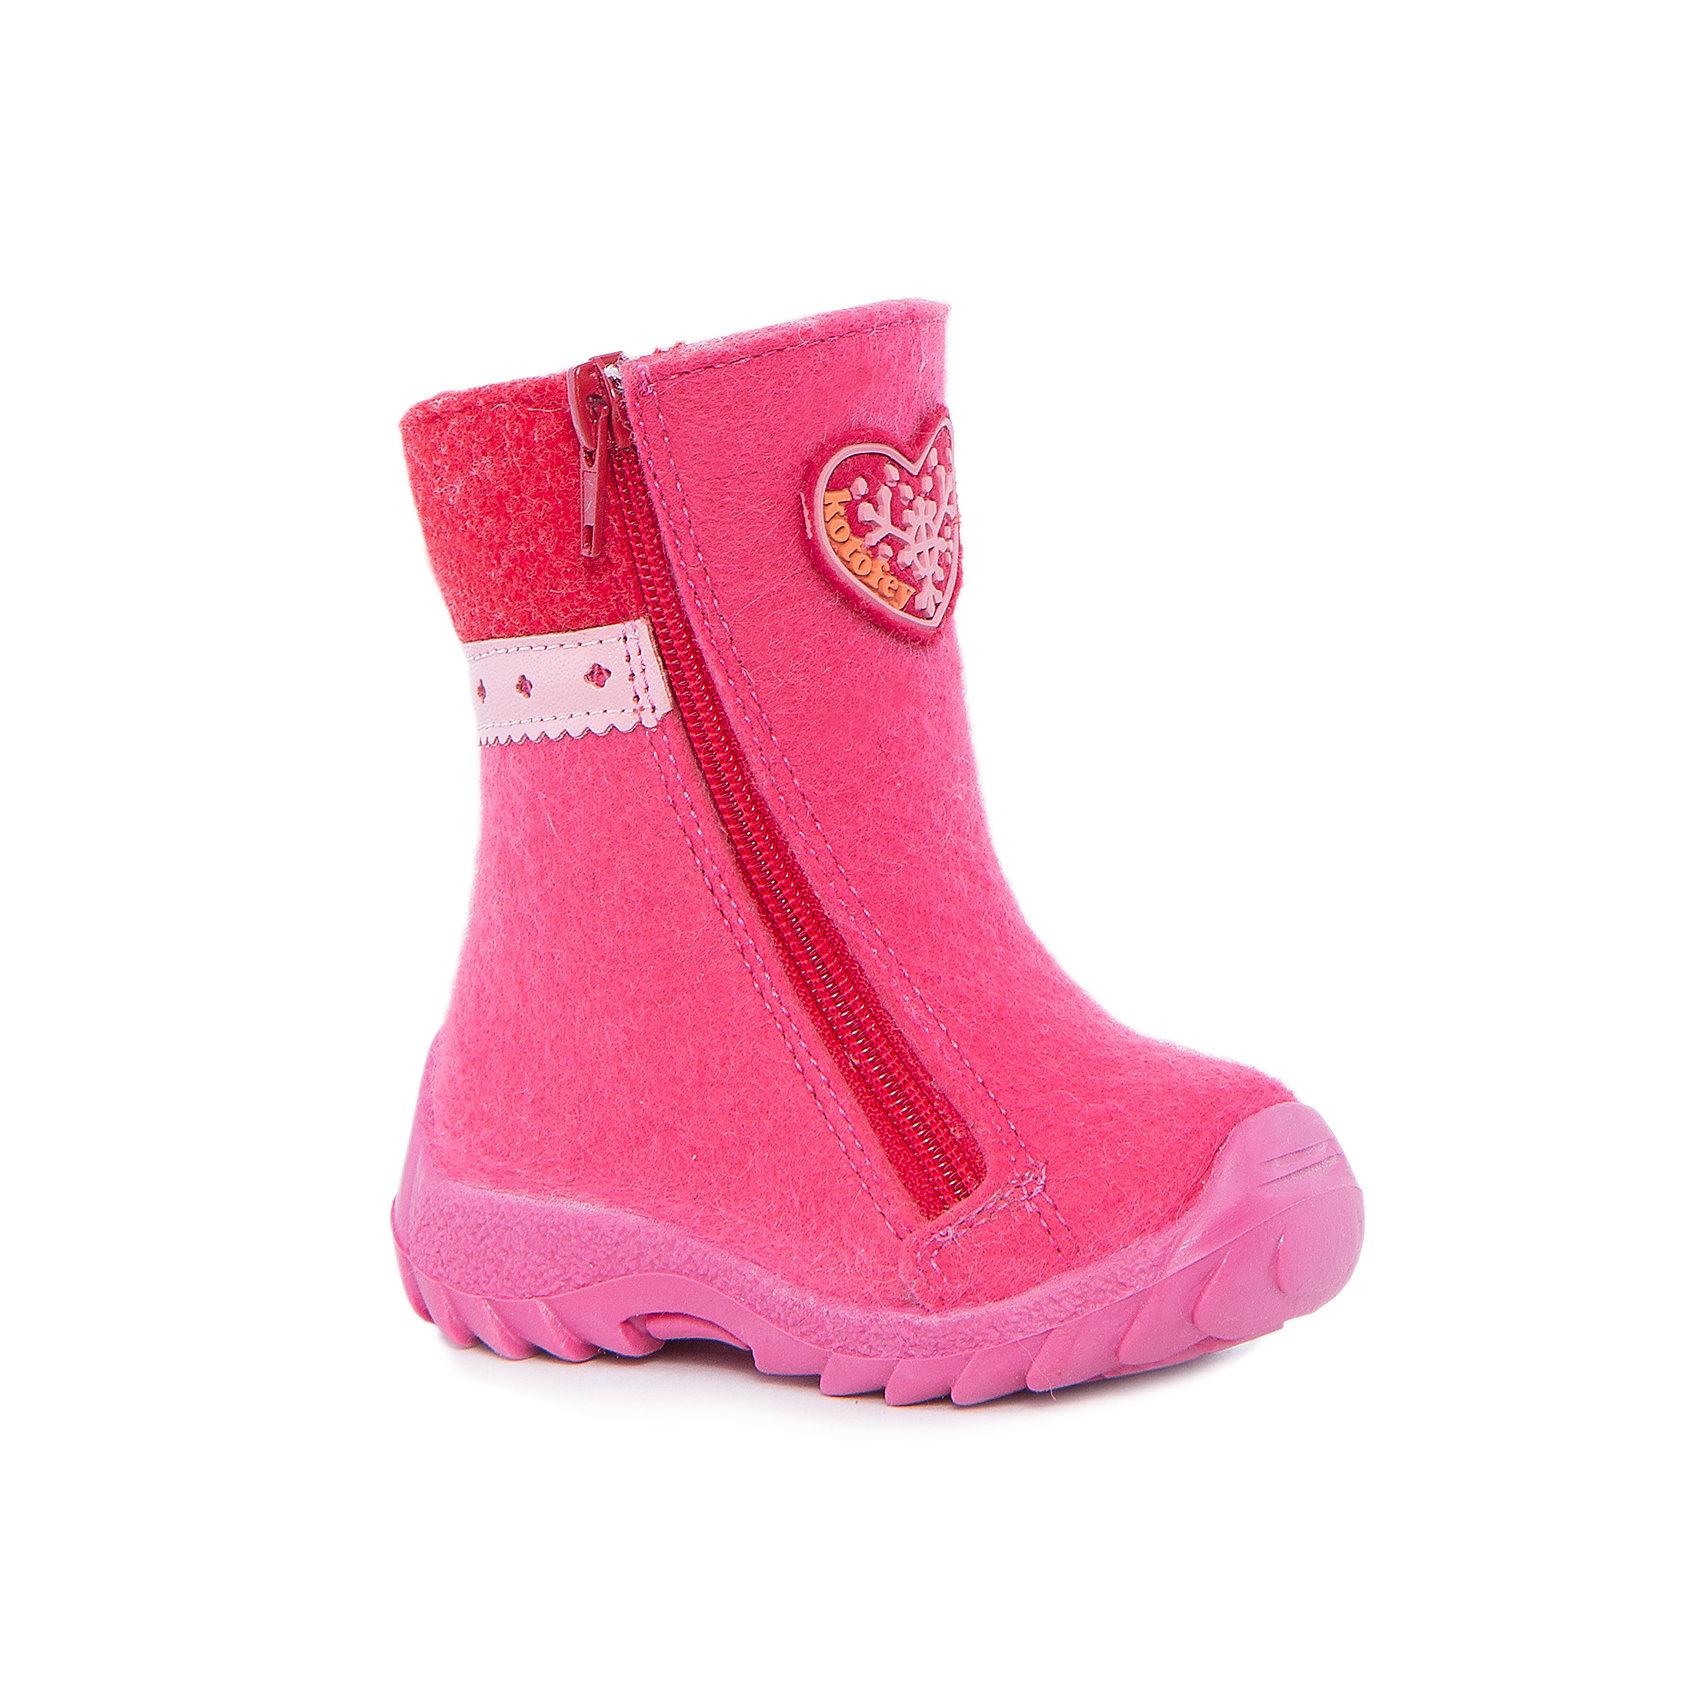 Сапоги для девочки КотофейКотофей – качественная и стильная детская обувь по доступным ценам. С каждым днем популярность магазина растет.  Войлочные сапожки – теплая и удобная детская обувь. Ботиночки изготовлены из натурального материала. Высокая подошва защитит от промокания. Необычный дизайн и материалы в традиционном стиле легли в основу создания модной моделей нового сезона. Молния установлена с двух сторон.<br><br>Дополнительная информация:<br><br>цвет: розовый;<br>вид крепления: на клею;<br>застежка: пластиковая молния;<br>температурный режим: от -20 °С до +5° С.<br><br>Состав:<br>верх – войлок;<br>подклад – шерстяной мех;<br>материал подошвы – ТЭП.<br><br>Зимние ботиночки для девочек ясельного возраста из кожи от фирмы Котофей можно приобрести у нас в магазине.<br><br>Ширина мм: 257<br>Глубина мм: 180<br>Высота мм: 130<br>Вес г: 420<br>Цвет: розовый<br>Возраст от месяцев: 18<br>Возраст до месяцев: 21<br>Пол: Женский<br>Возраст: Детский<br>Размер: 23,21,24,22<br>SKU: 4982379